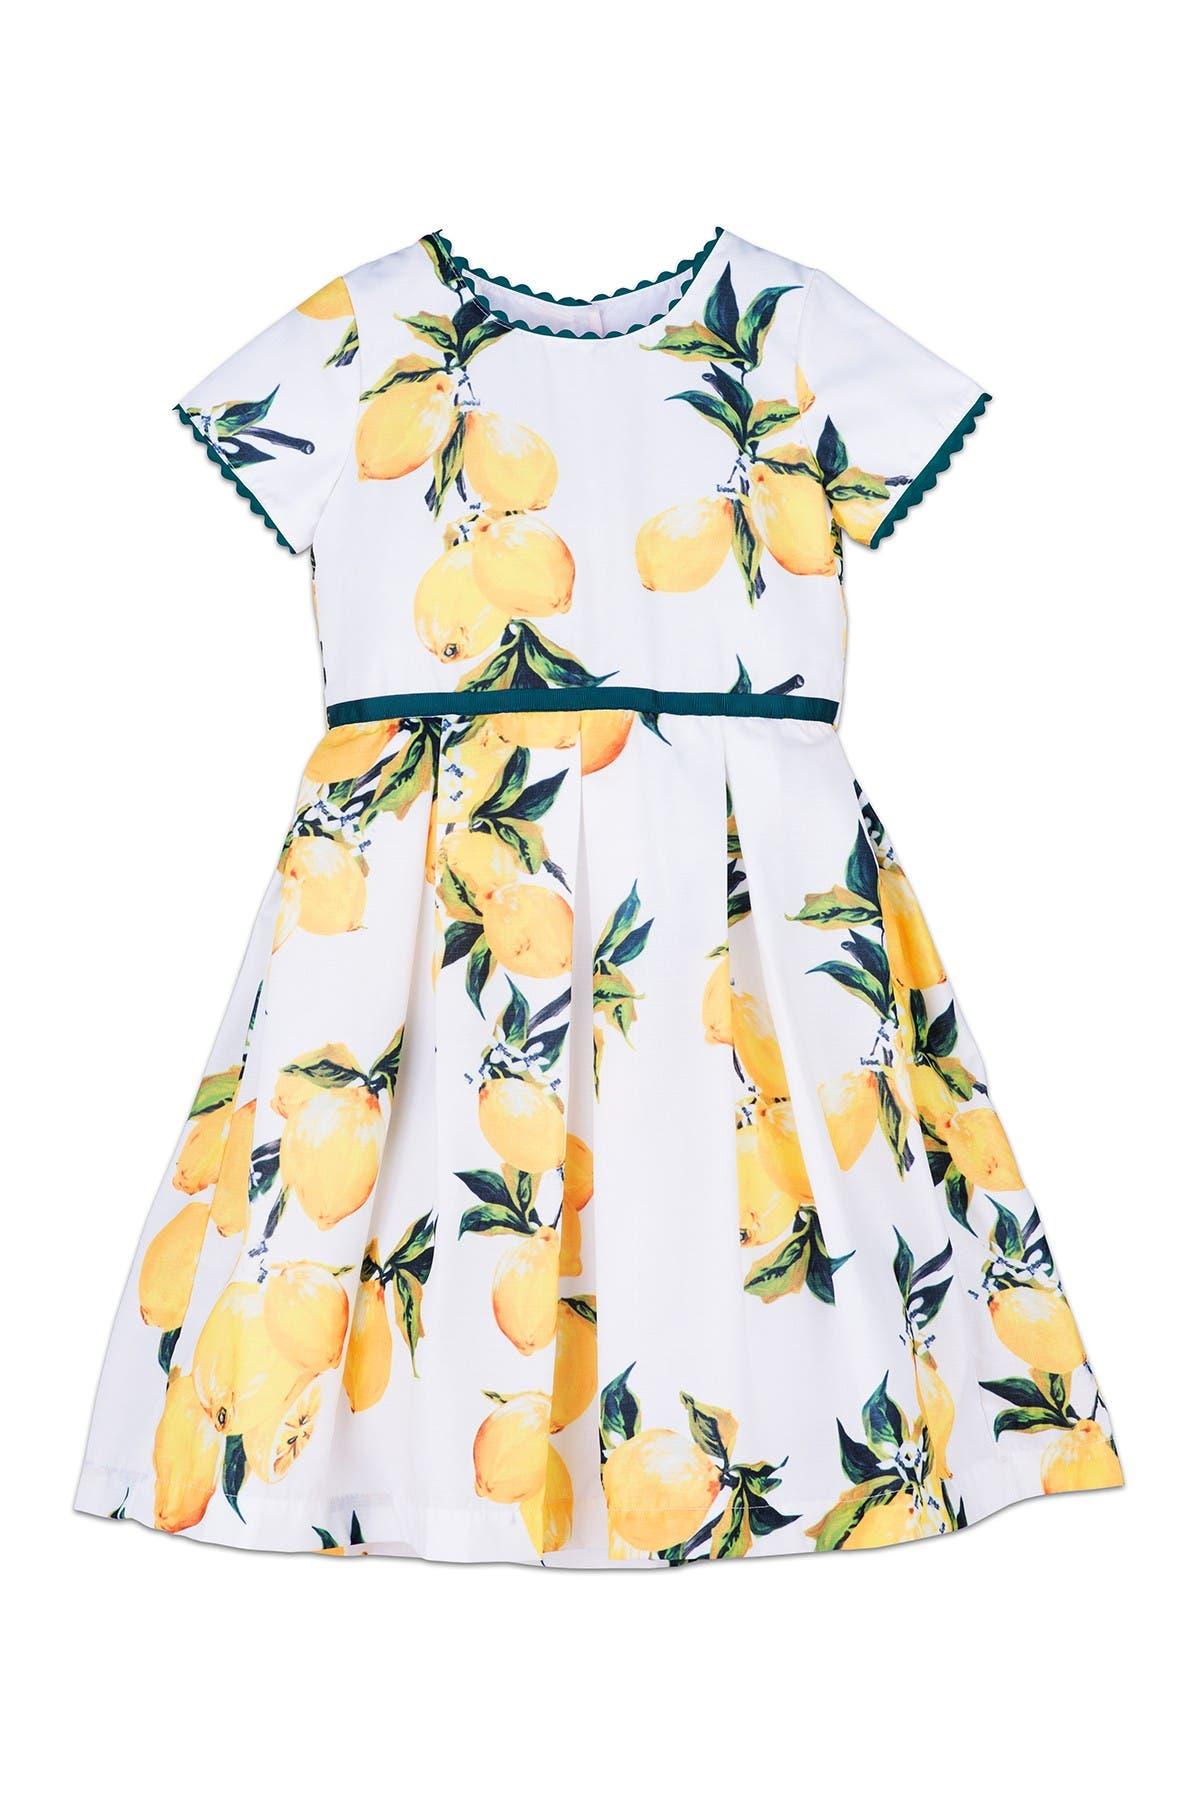 Image of Joe-Ella Lemona Lemon Print Cotton Dress